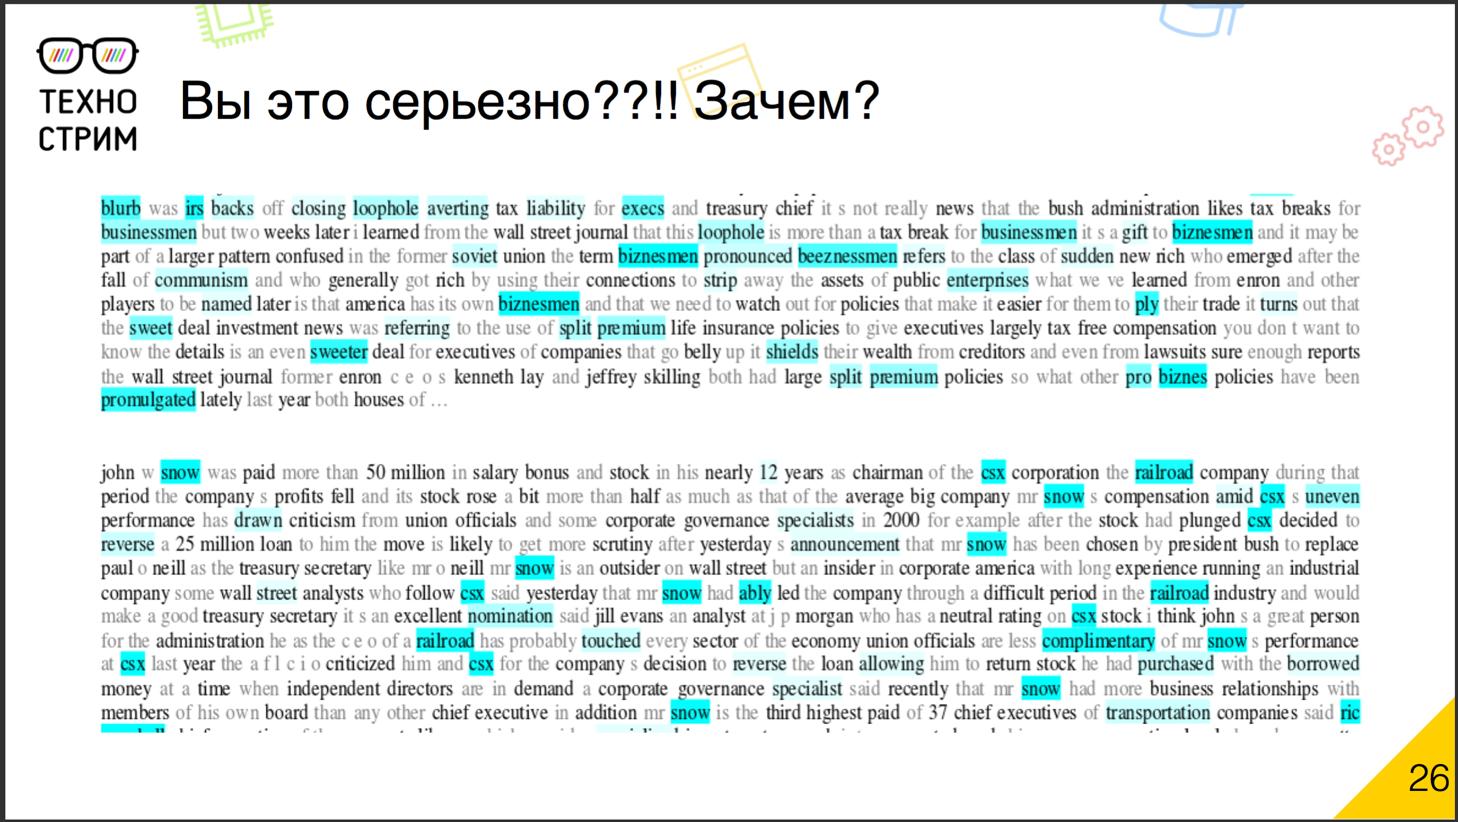 Обработка текстов на естественных языках - 13